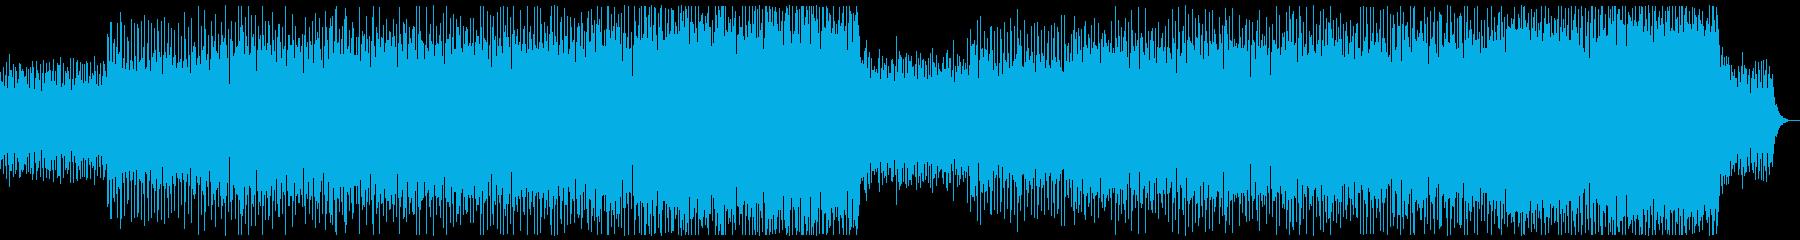 ピコピコテクノ系ミニマルミュージック系の再生済みの波形